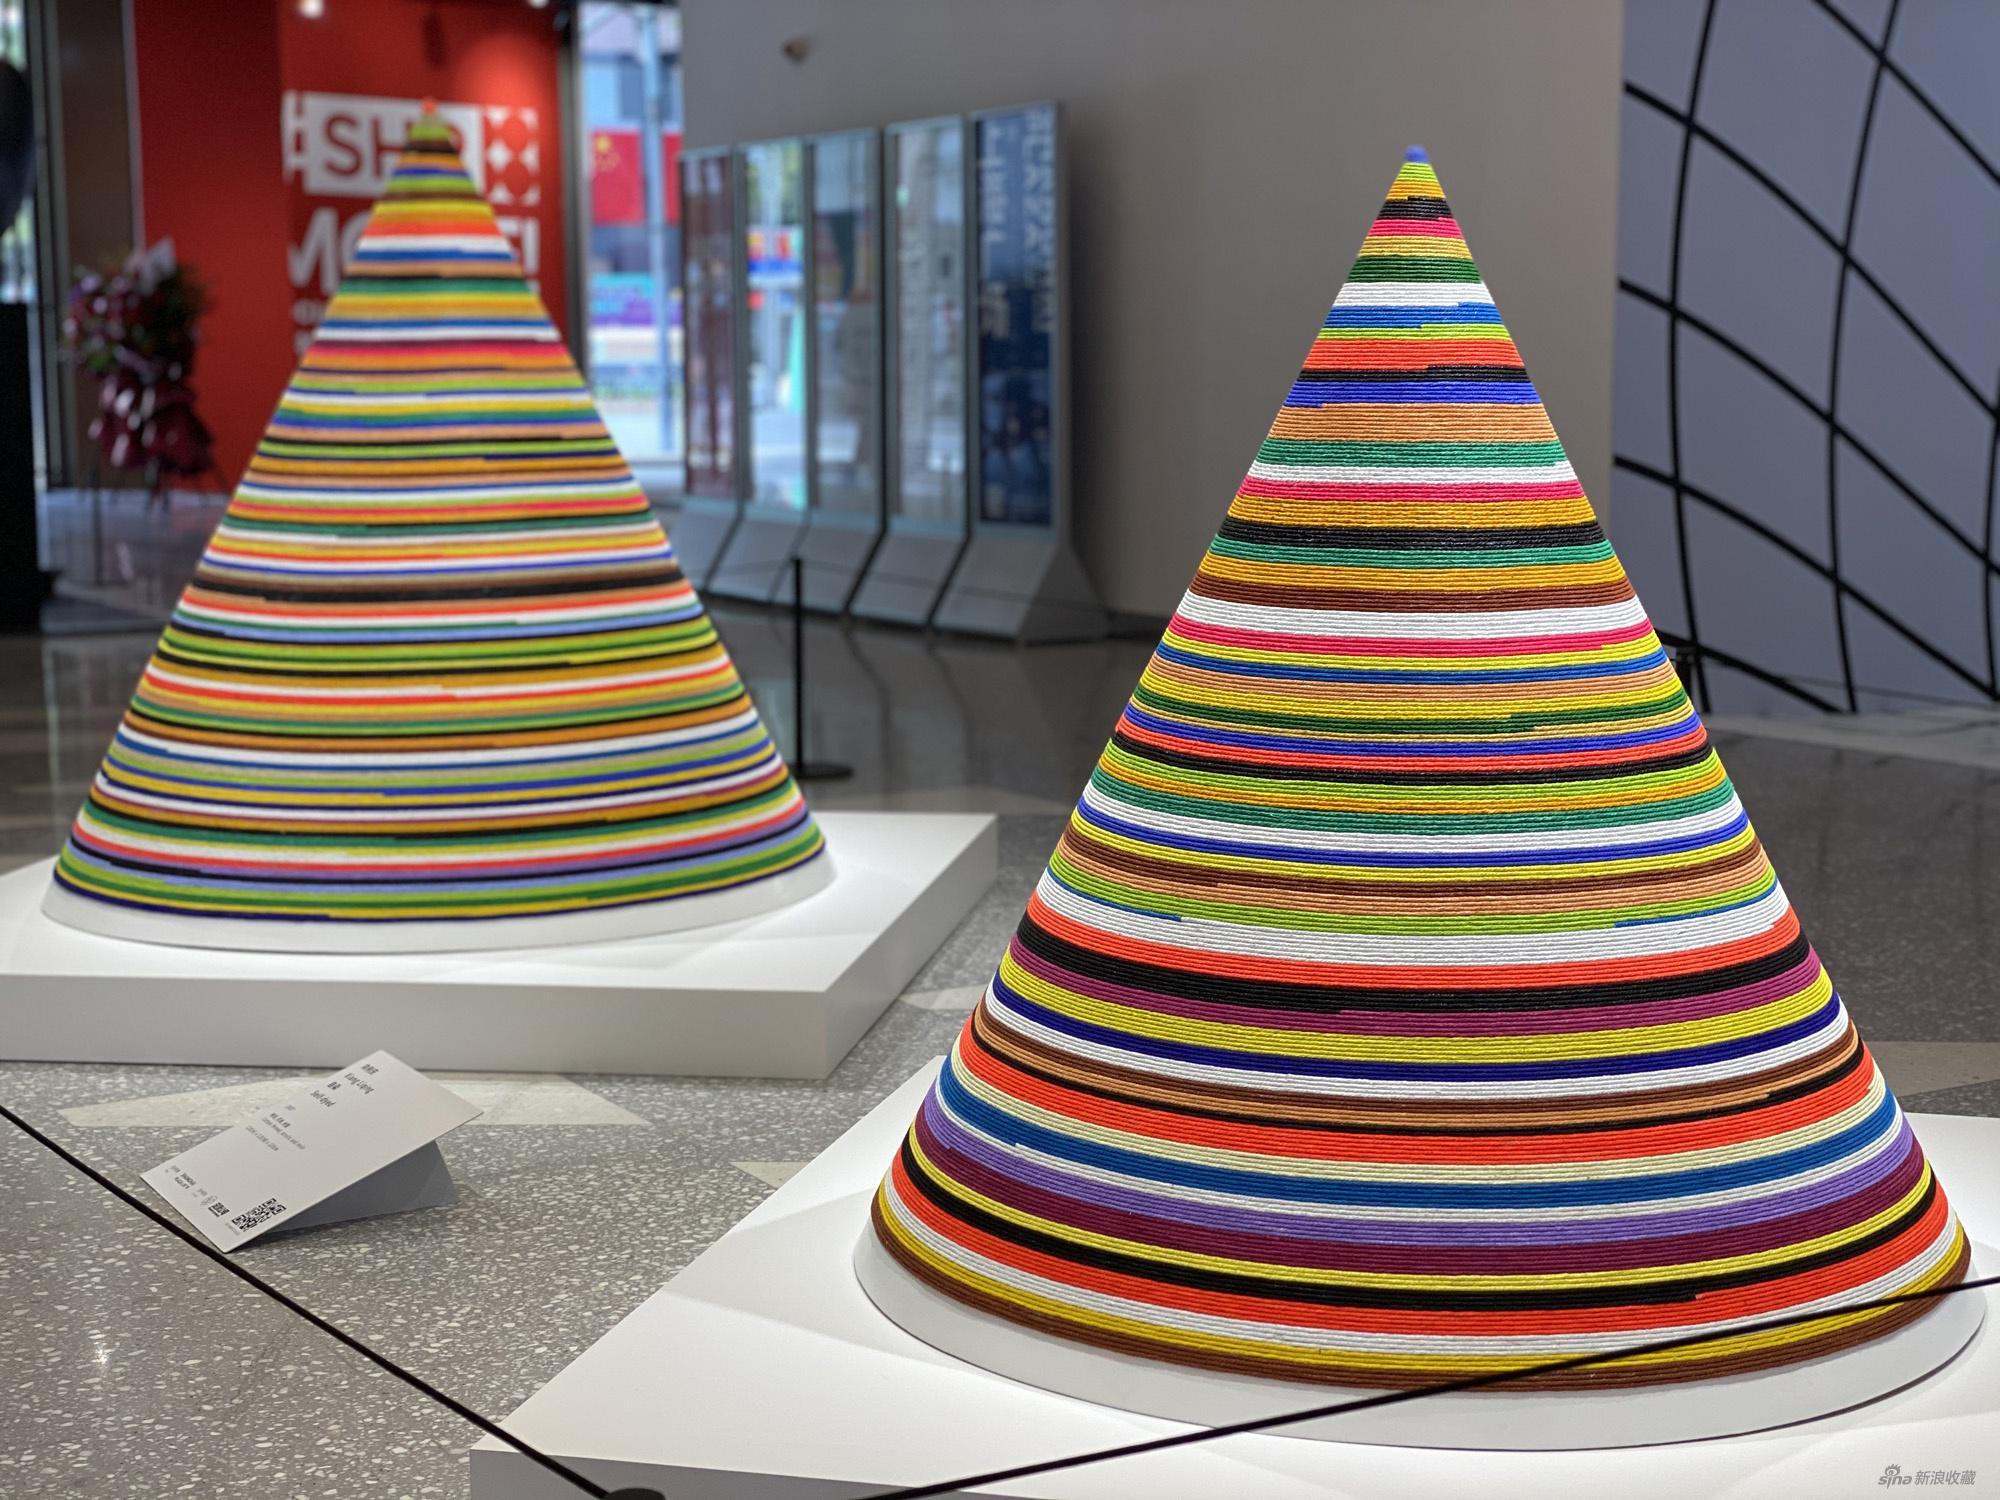 向利庆,《自染》,2007,棉线、丙烯、树脂,120 x 120 x 120 cm